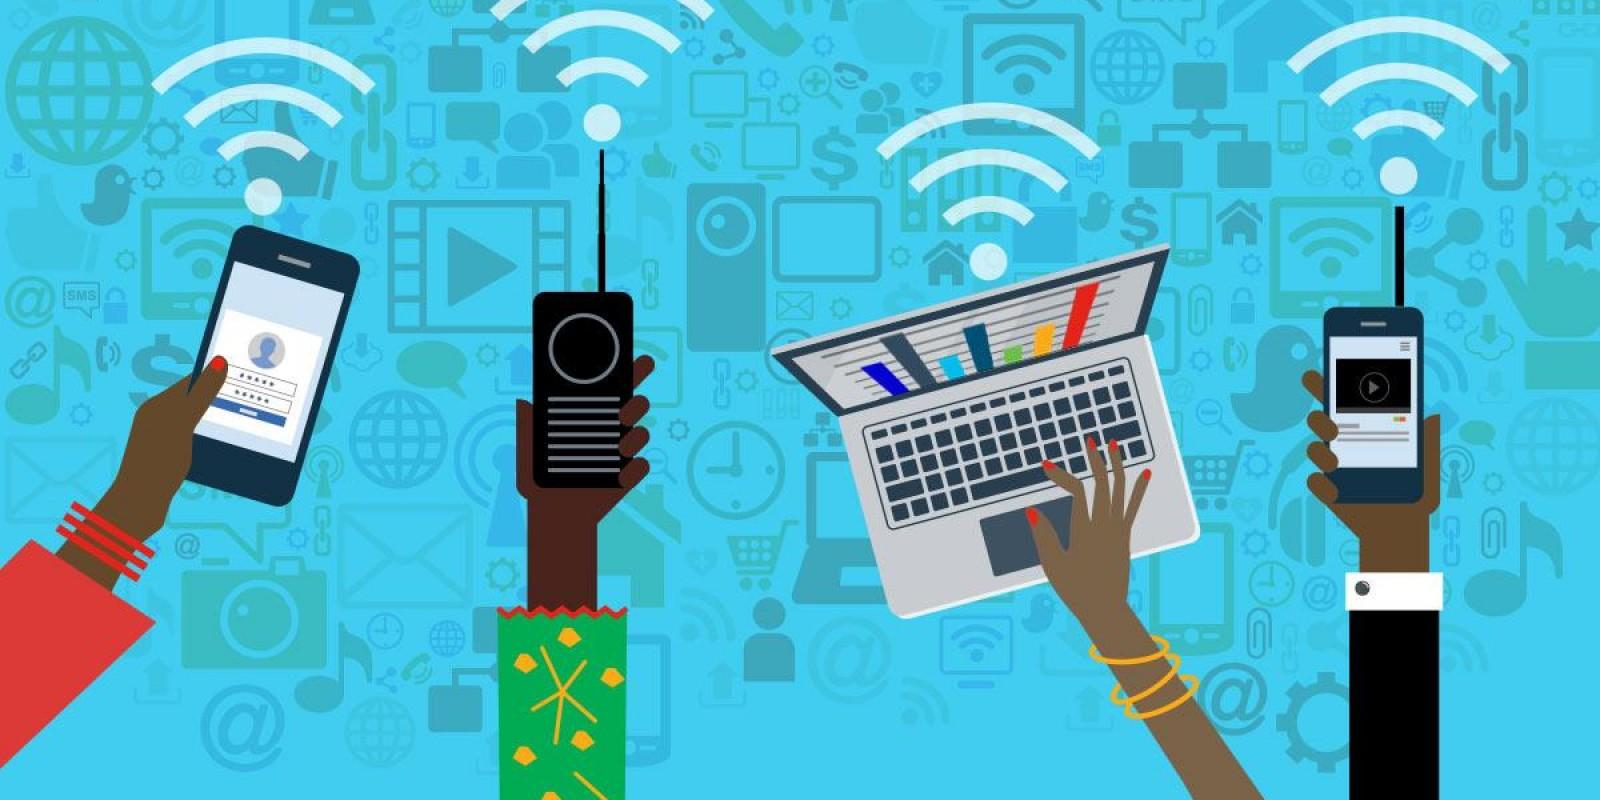 Quase 70% Das Empreendedoras Utilizam A Internet Como Canal De Vendas